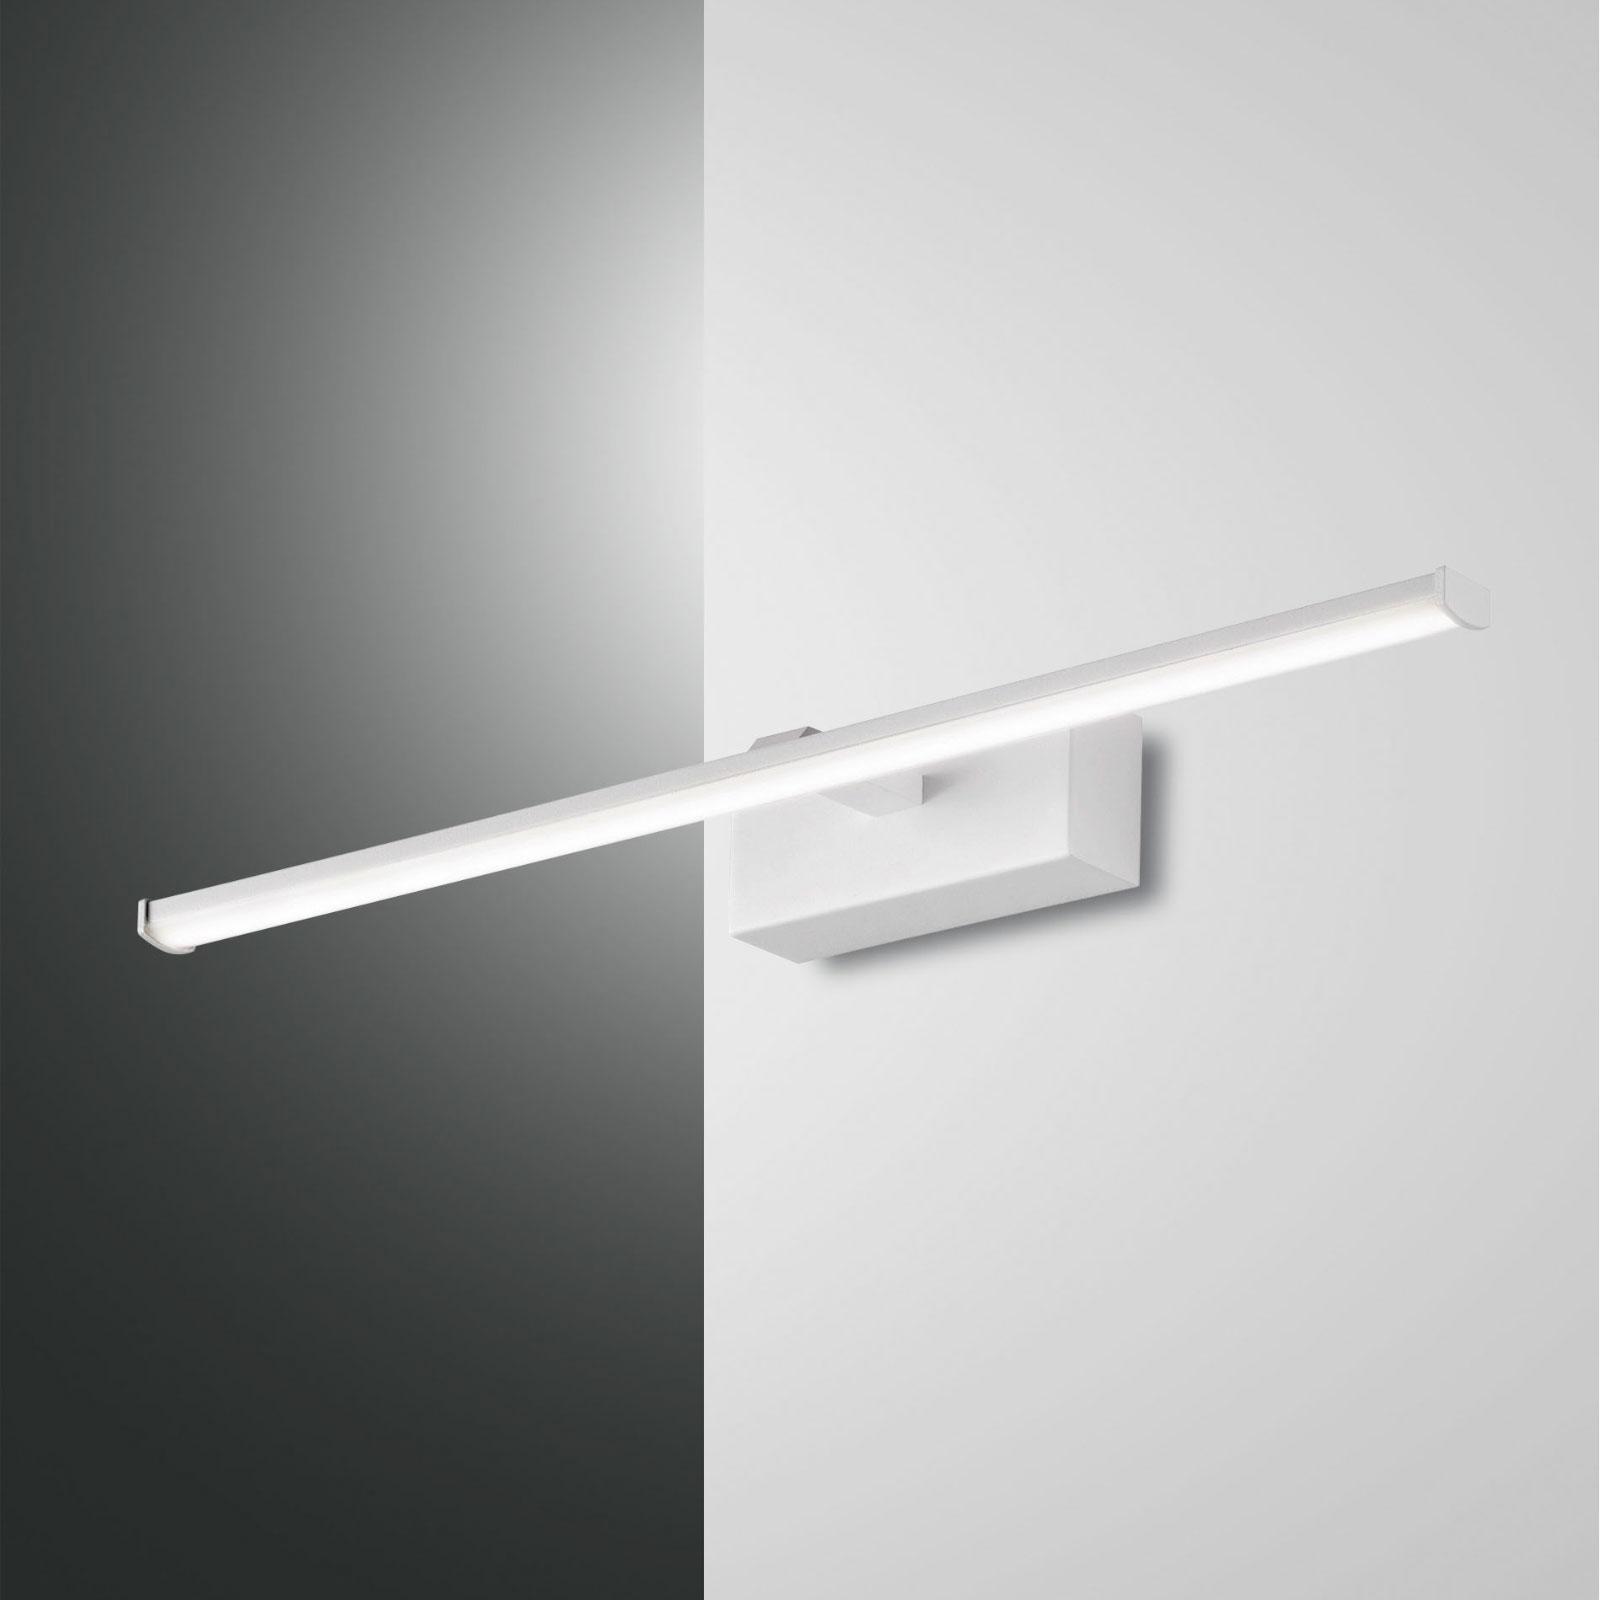 LED-Wandleuchte Nala, weiß, Breite 50 cm